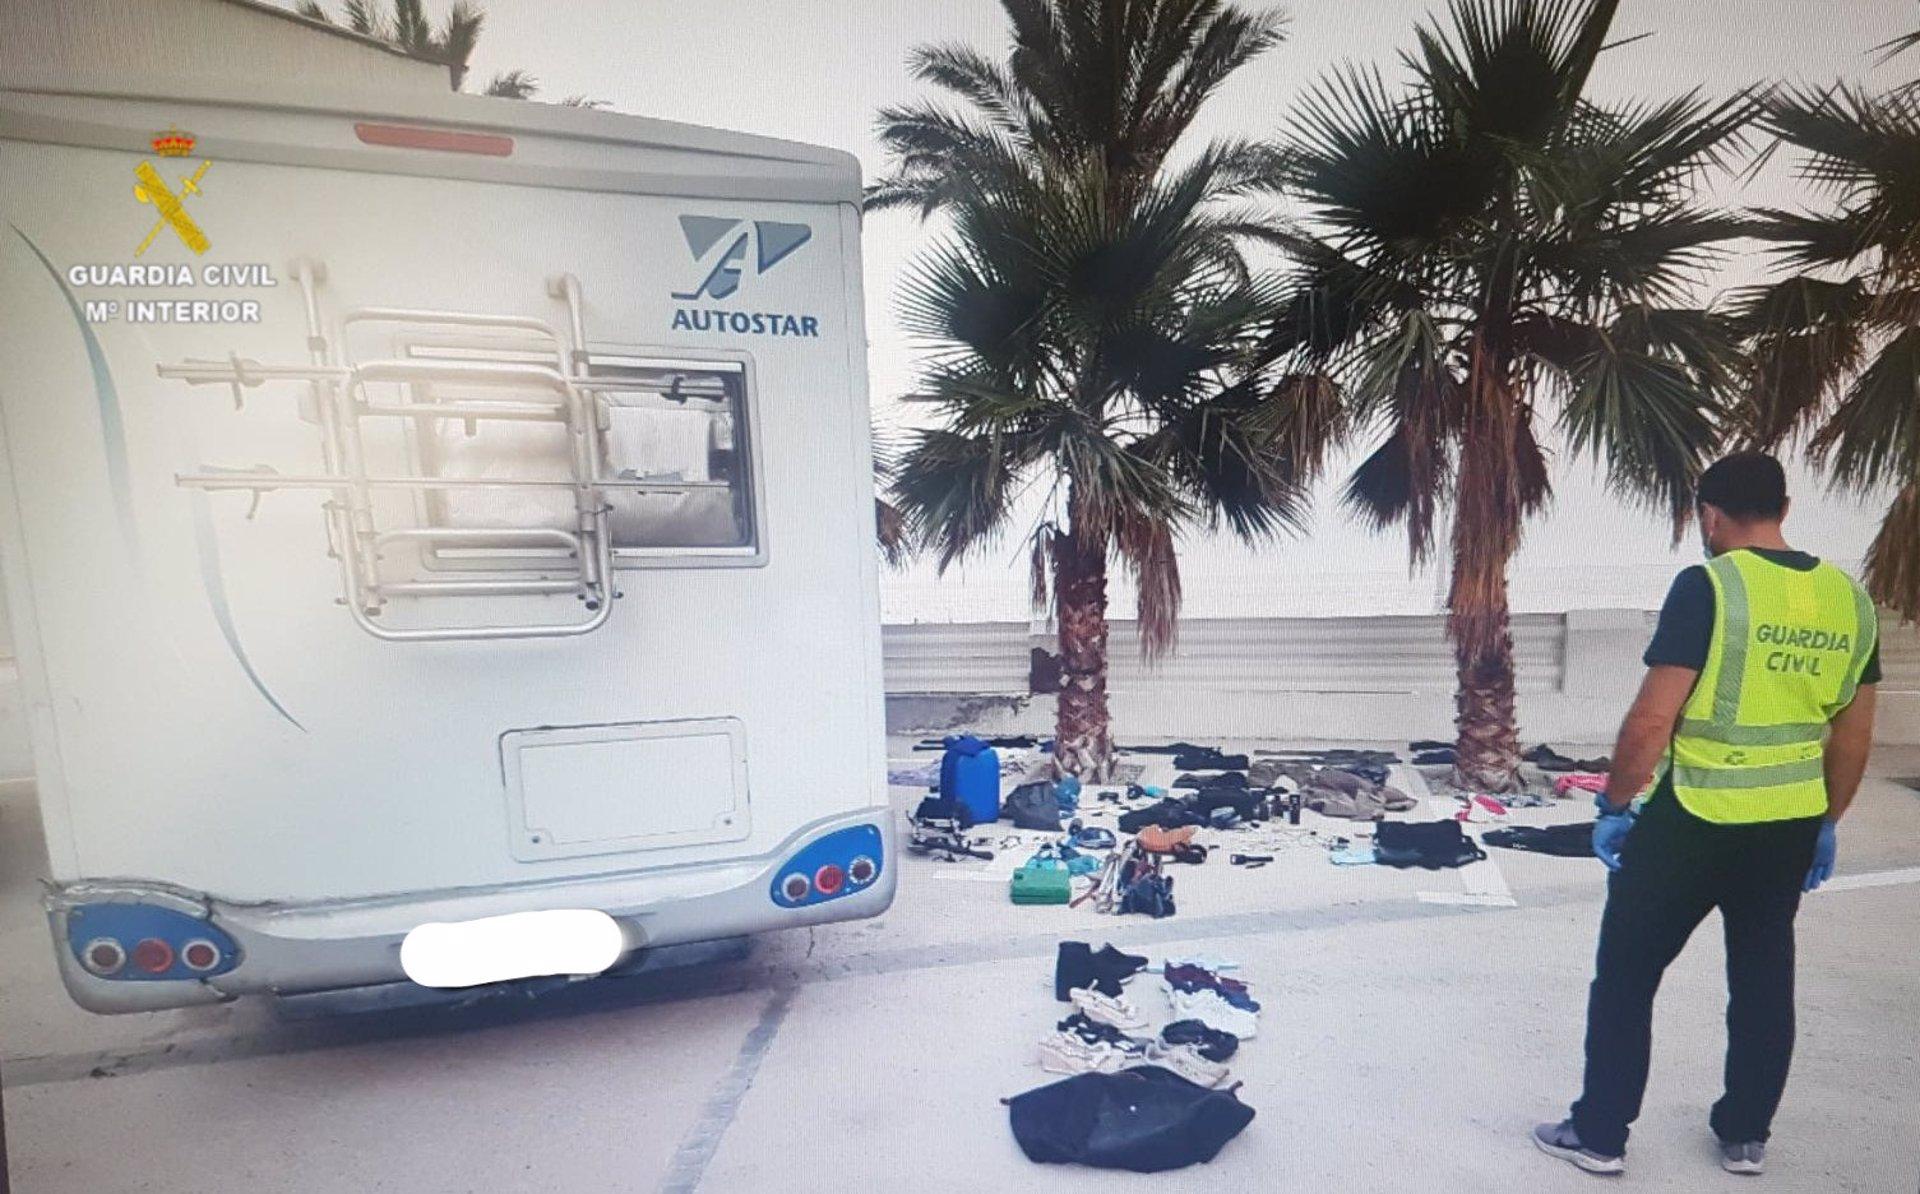 Detenida una pareja que simulaba hacer turismo familiar en autocaravana para robar en otros vehículos